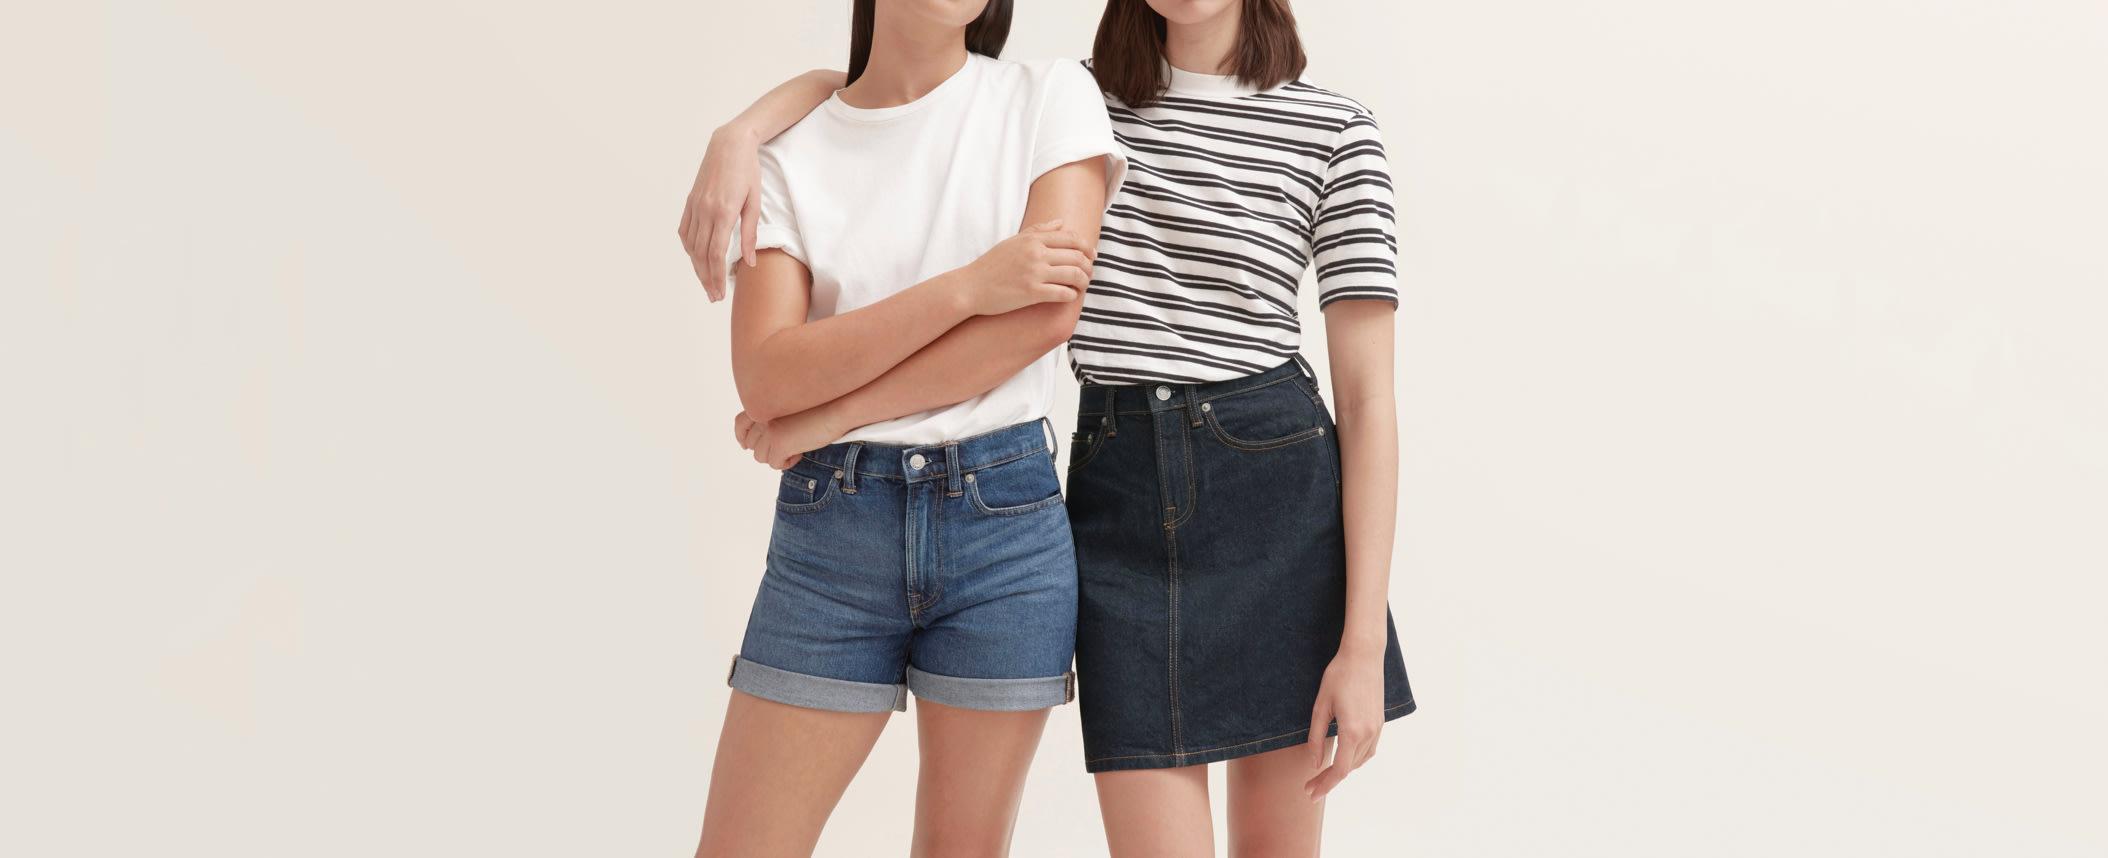 jean skirt girl Japanese